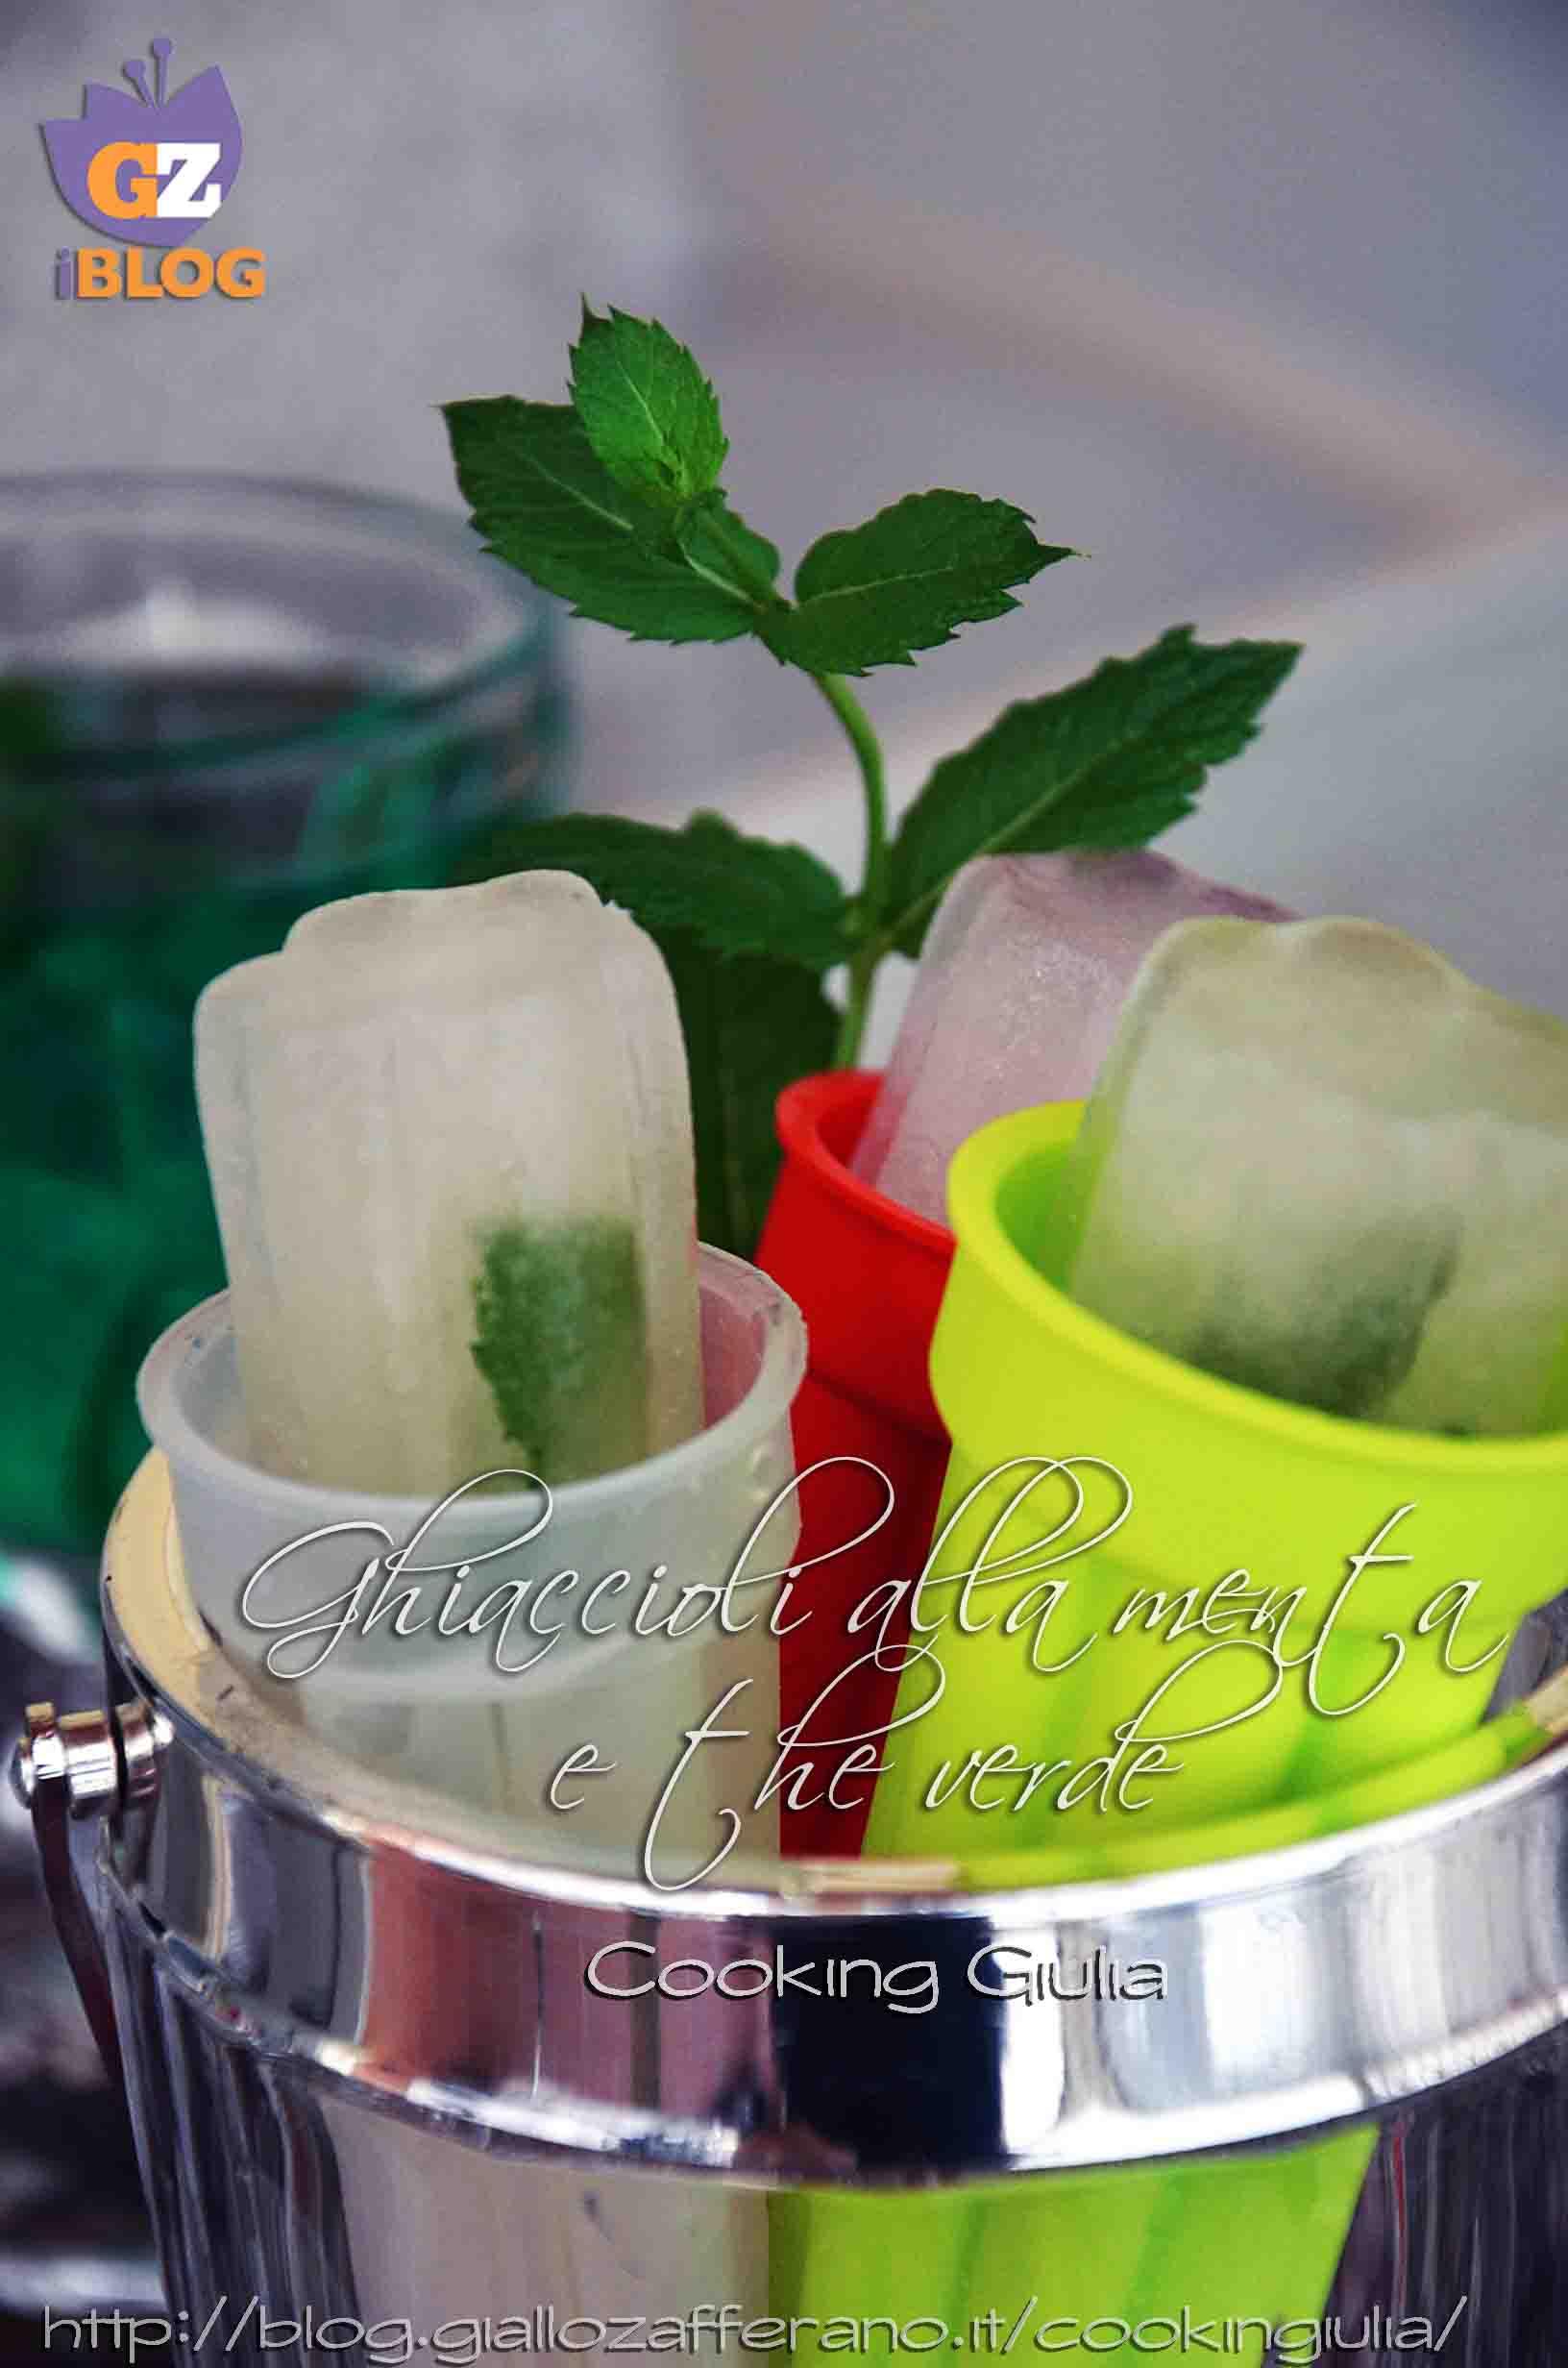 ghiaccioli, calippo, ghiacciolo, calippi, the verde, menta, estate, silikomart, stampi ghiaccioli, stampi silicone, cooking giulia